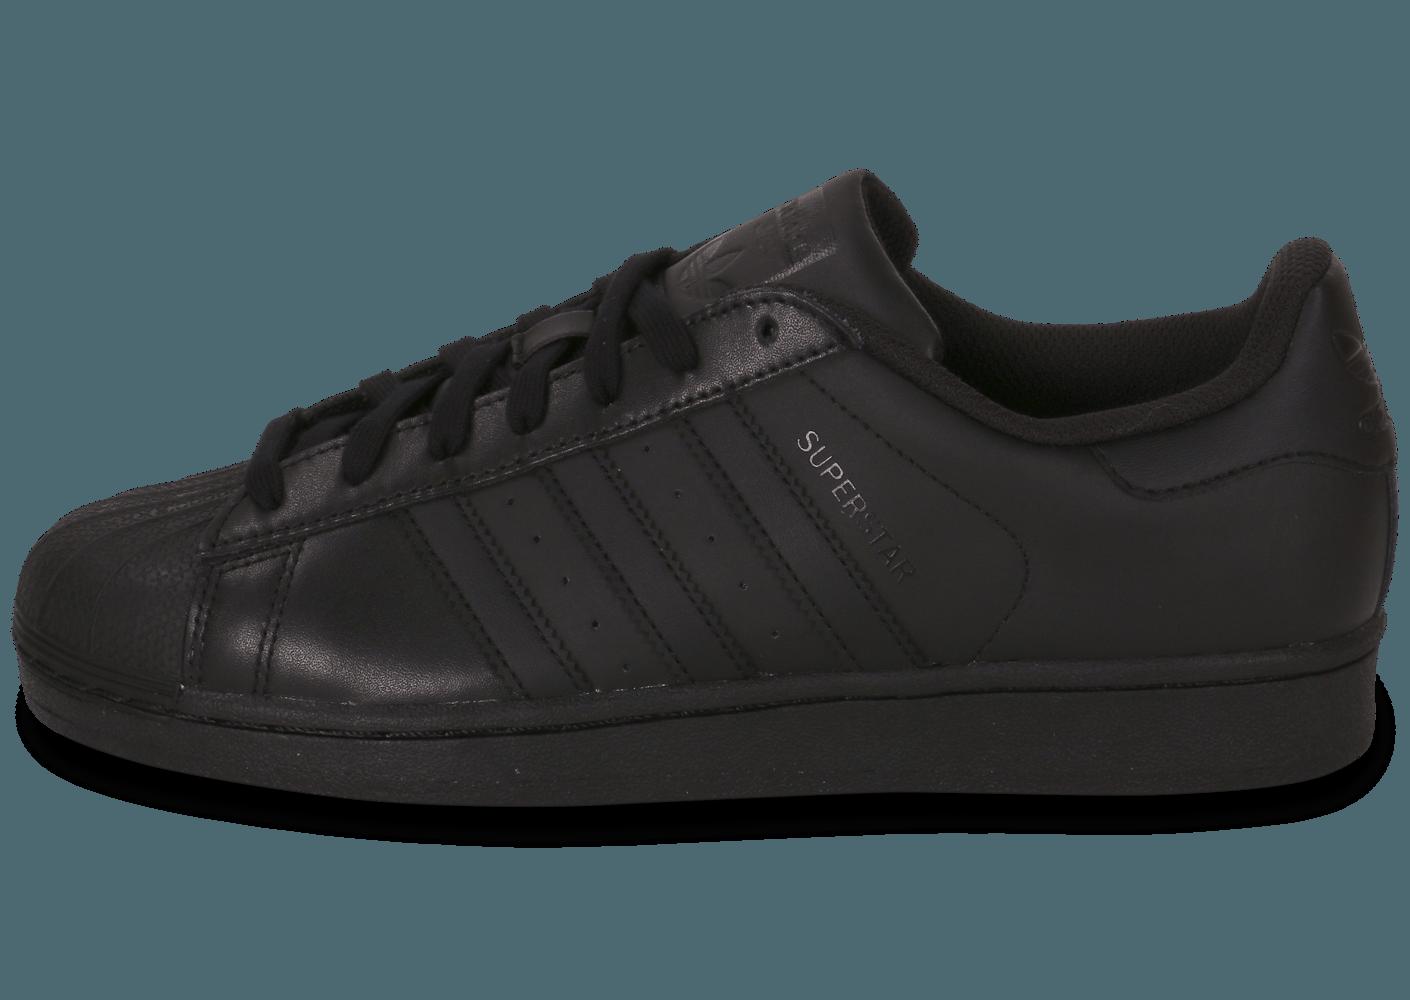 meilleure sélection db628 d8dc2 adidas superstar femme noir